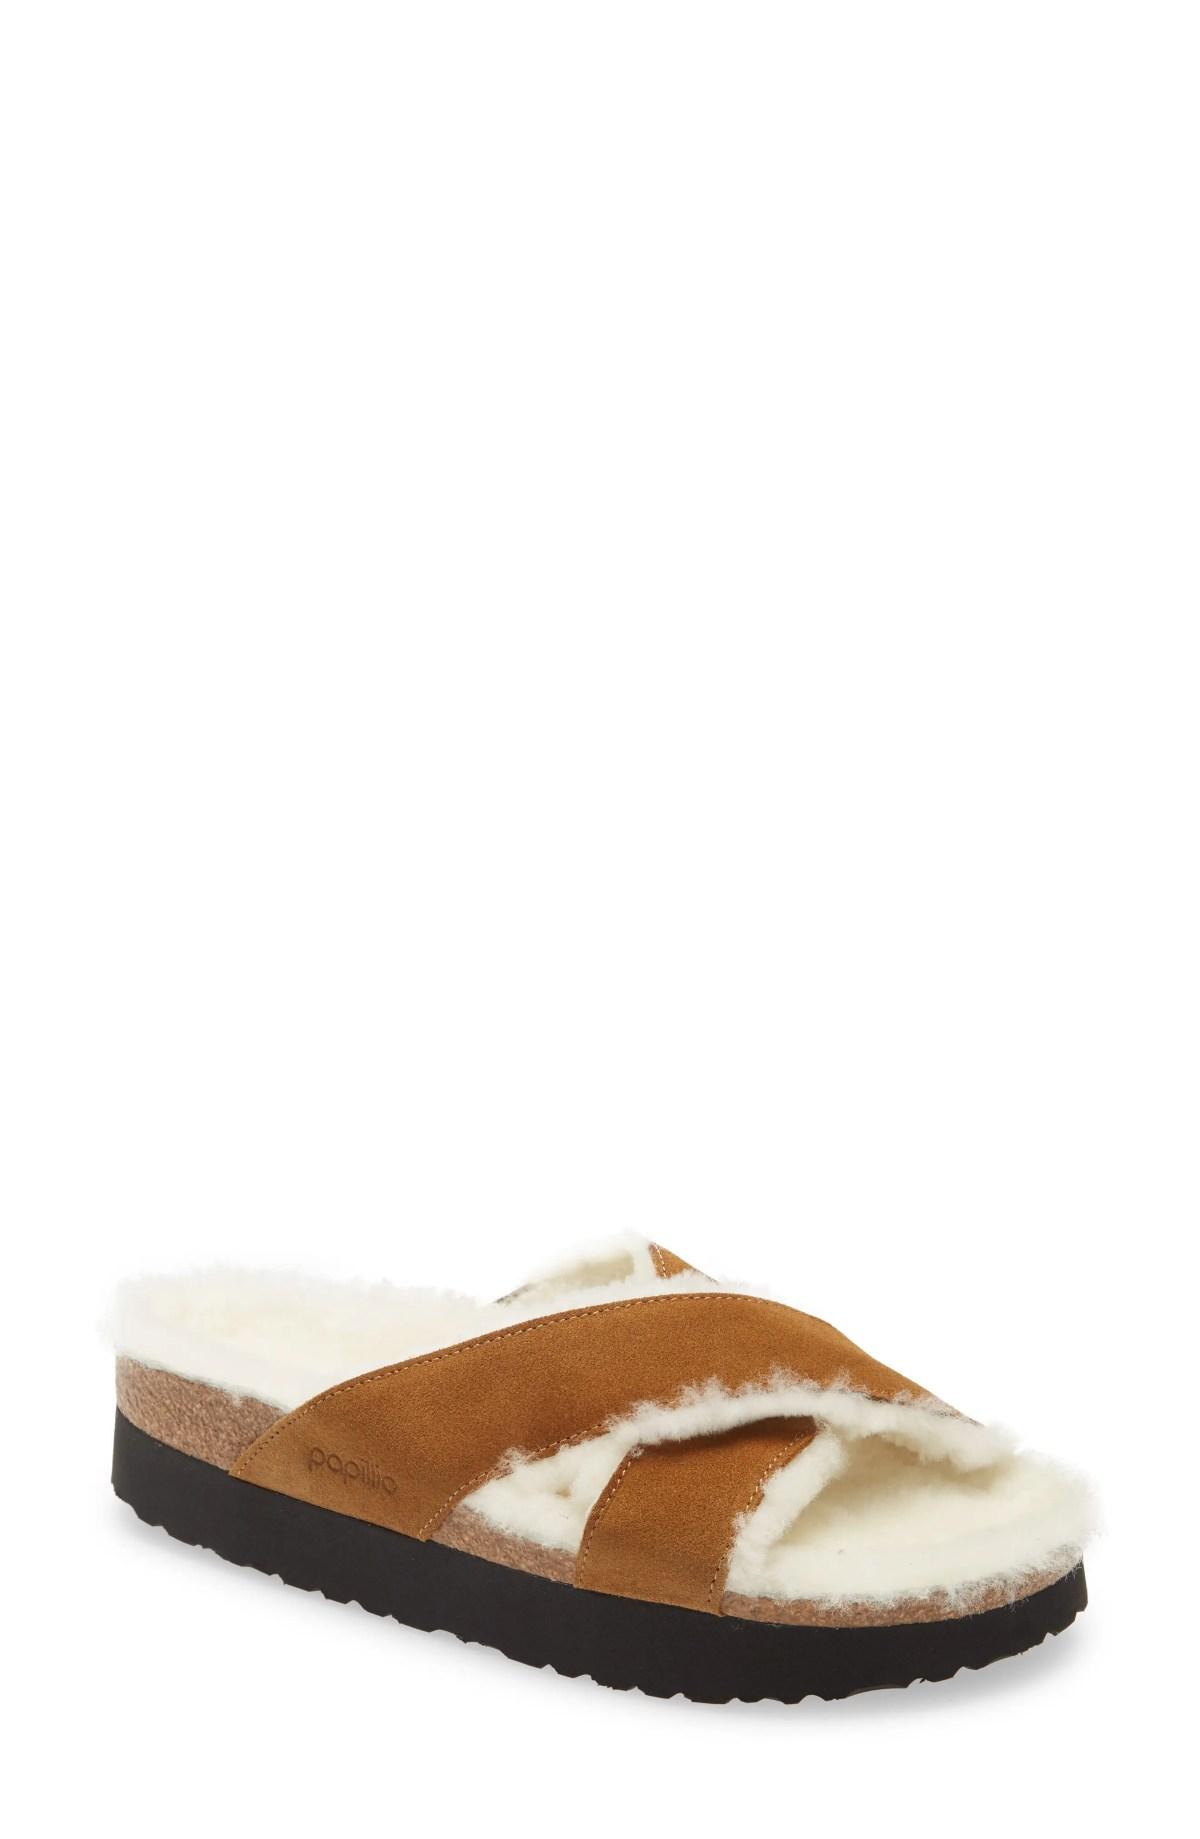 BIRKENSTOCK Daytona Genuine Shearling Lined Platform Sandal, Main, color, TEA SUEDE